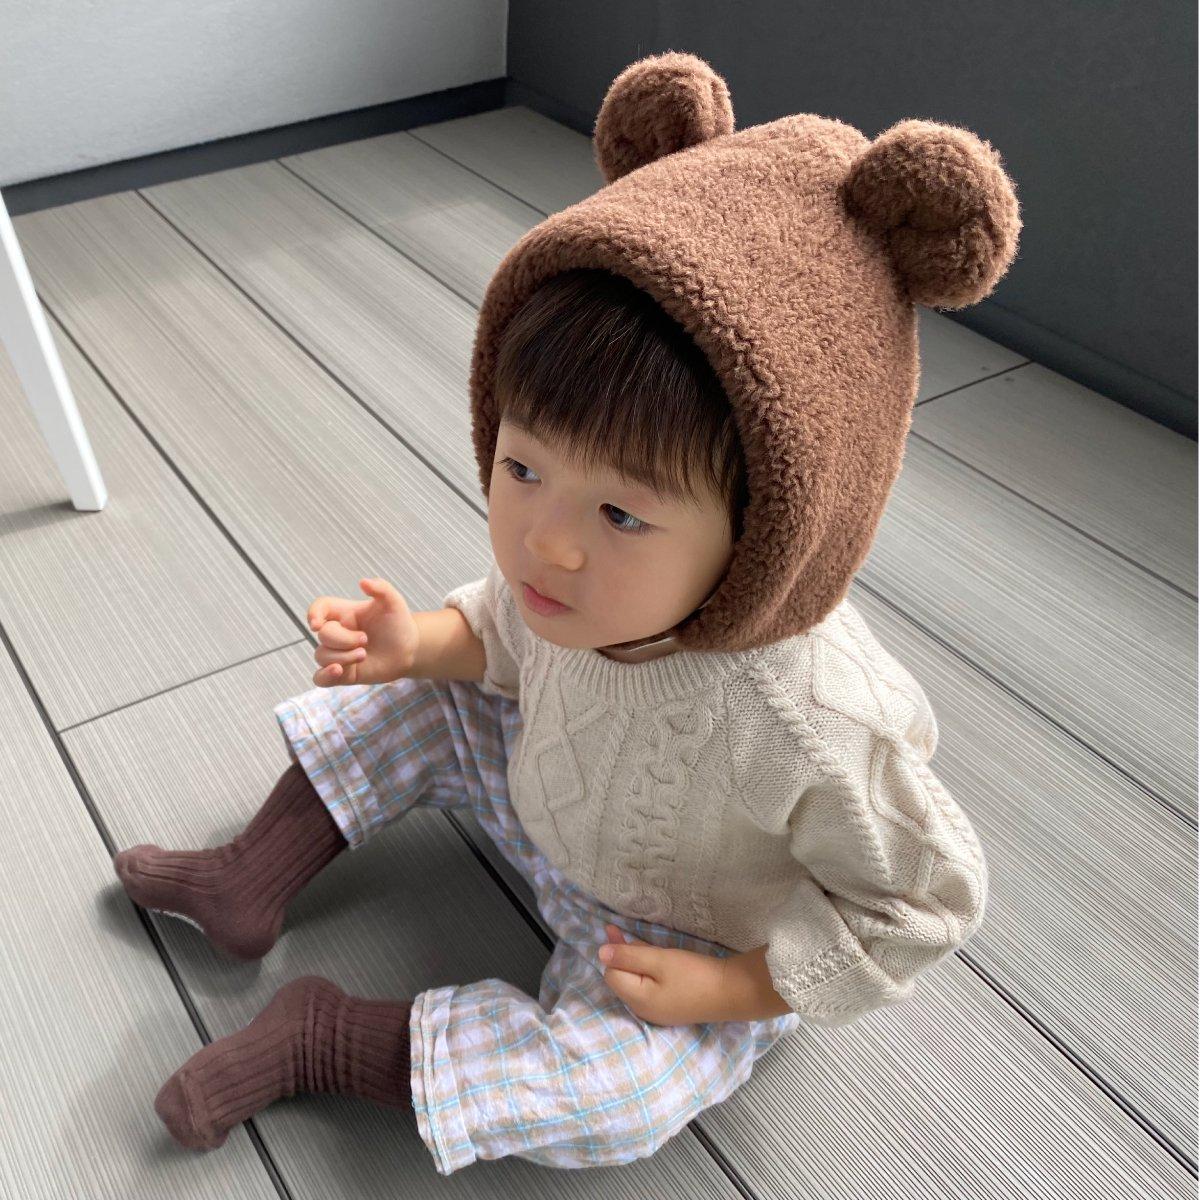 【BABY】Fuwa Kuma Puton 詳細画像10